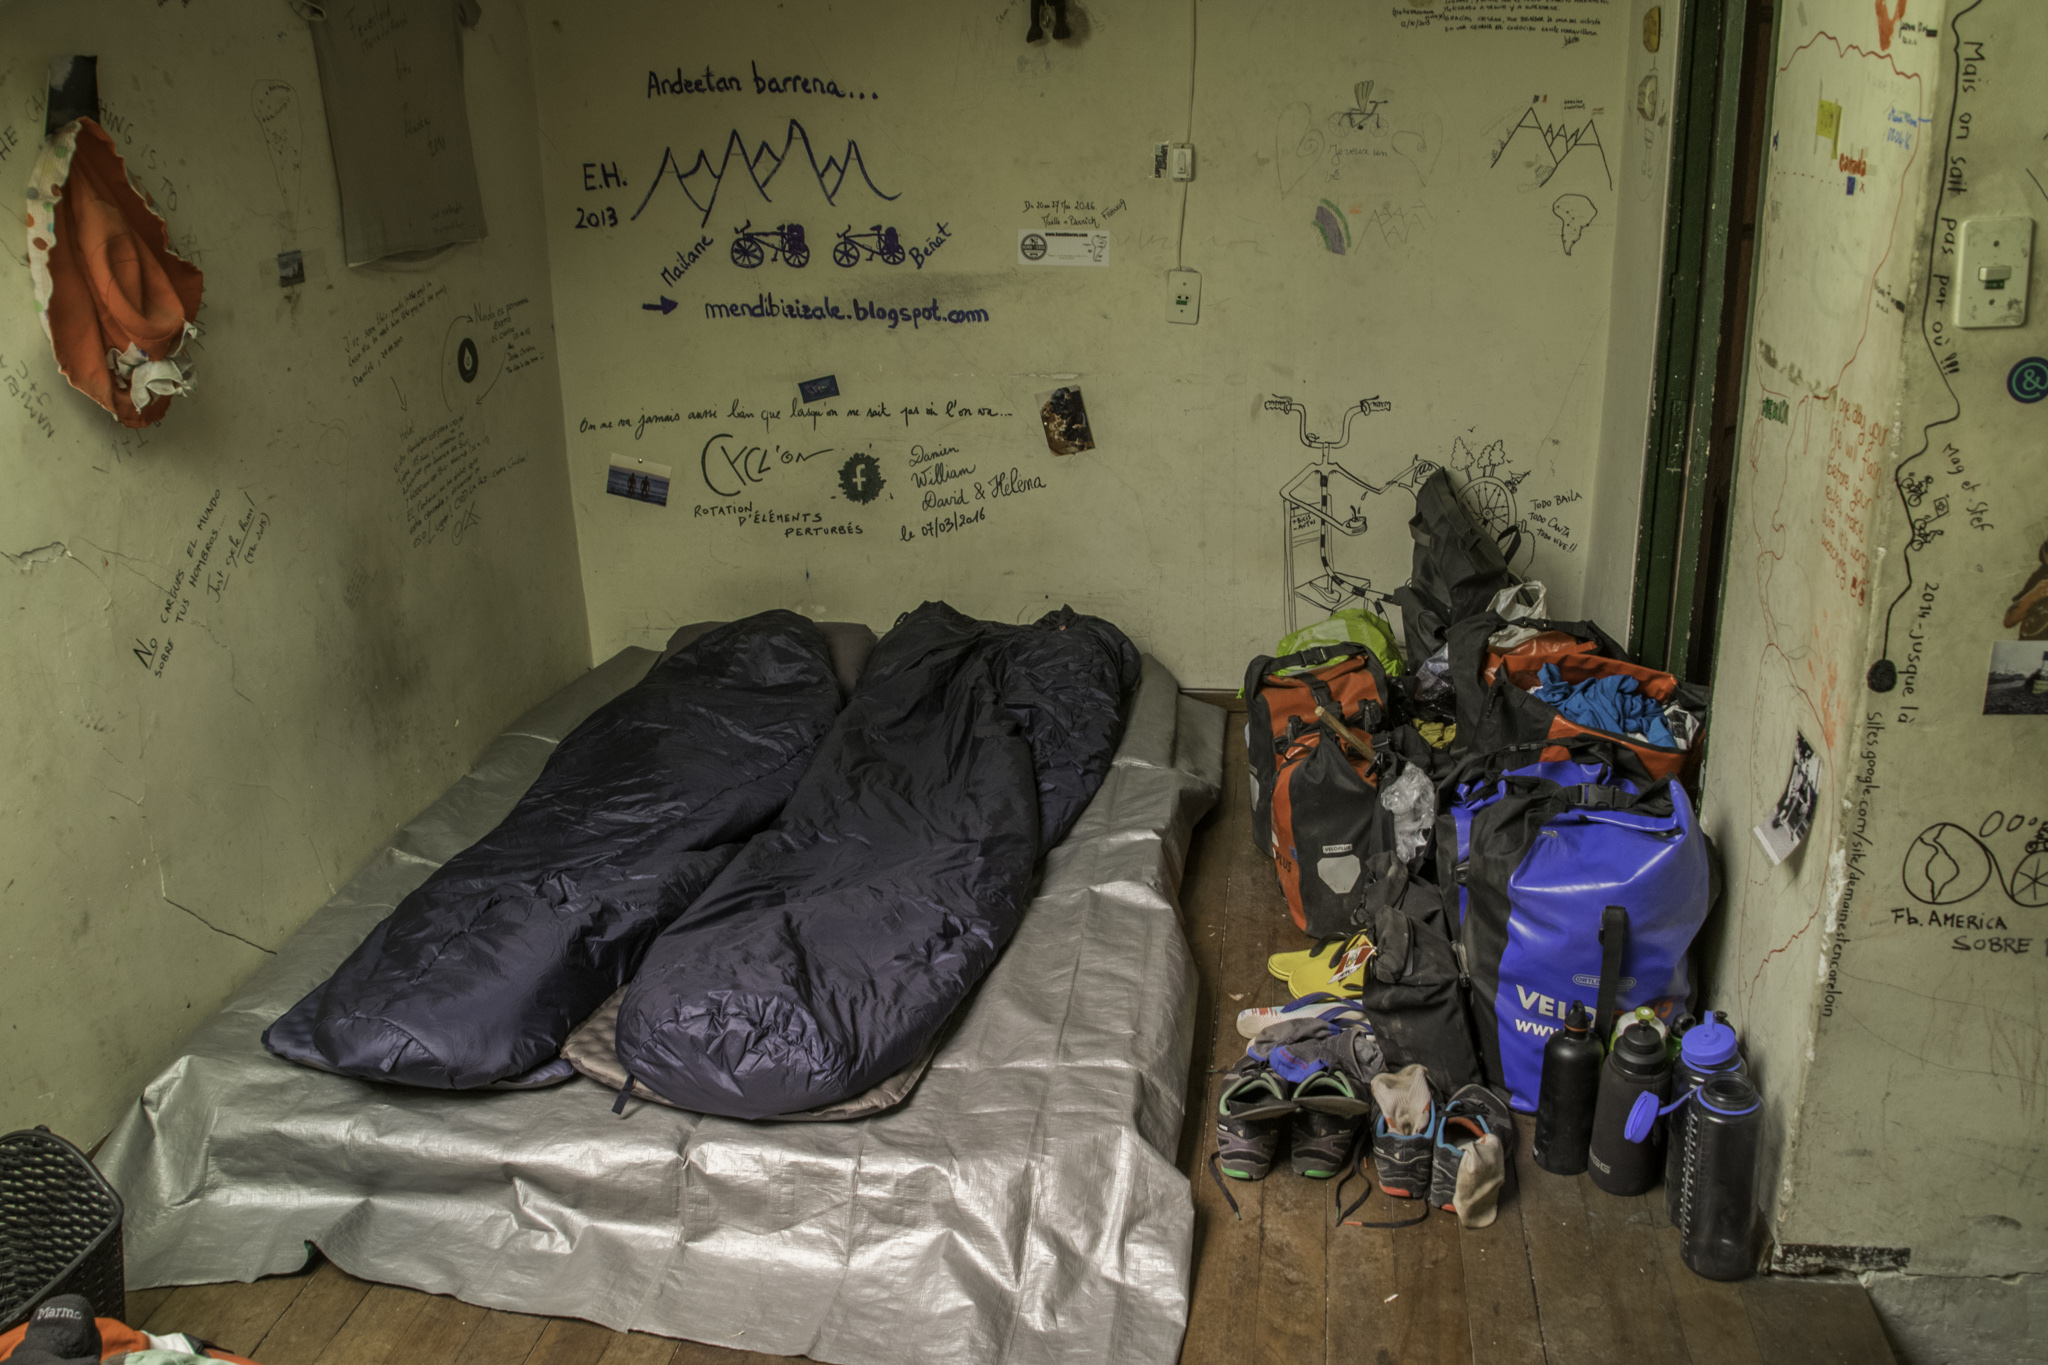 Unser Schlafplatz im CdC